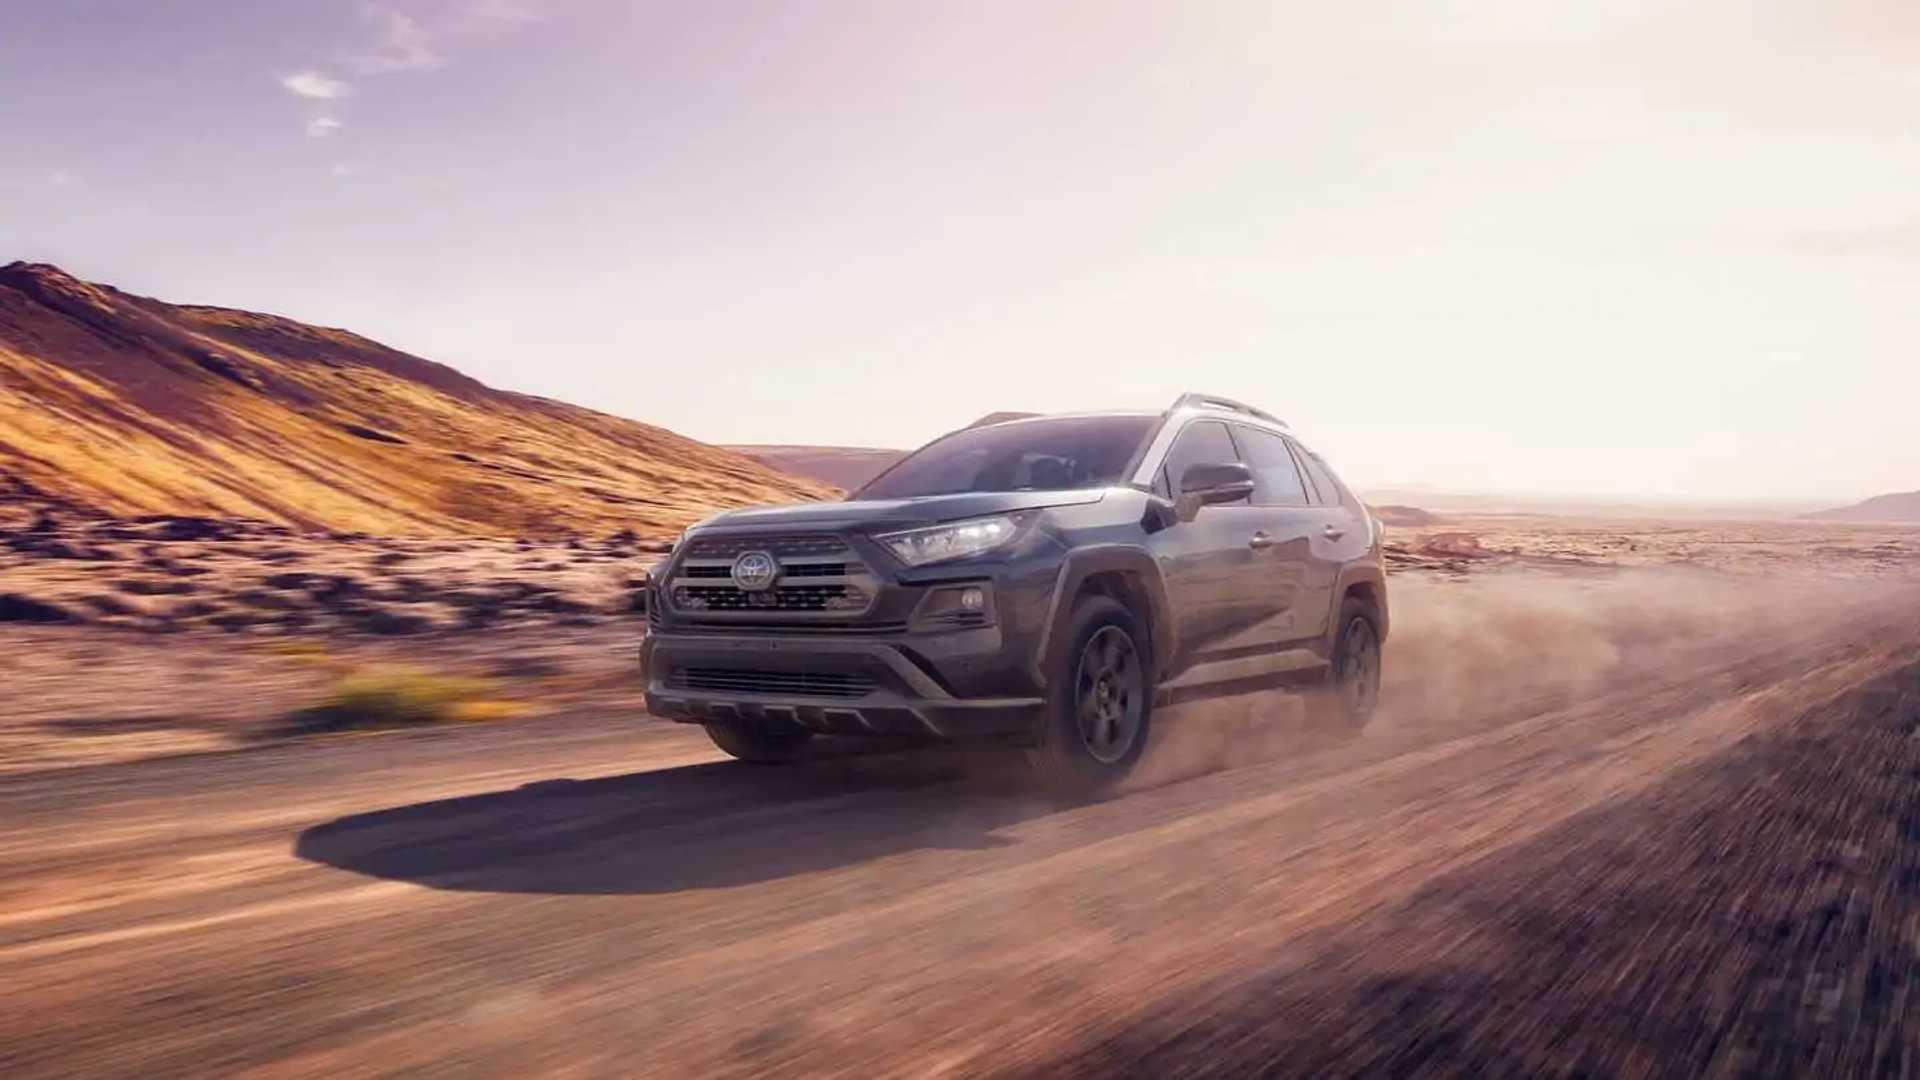 2019 - [Toyota] RAV 4 V - Page 3 2020-toyota-rav4-trd-off-road